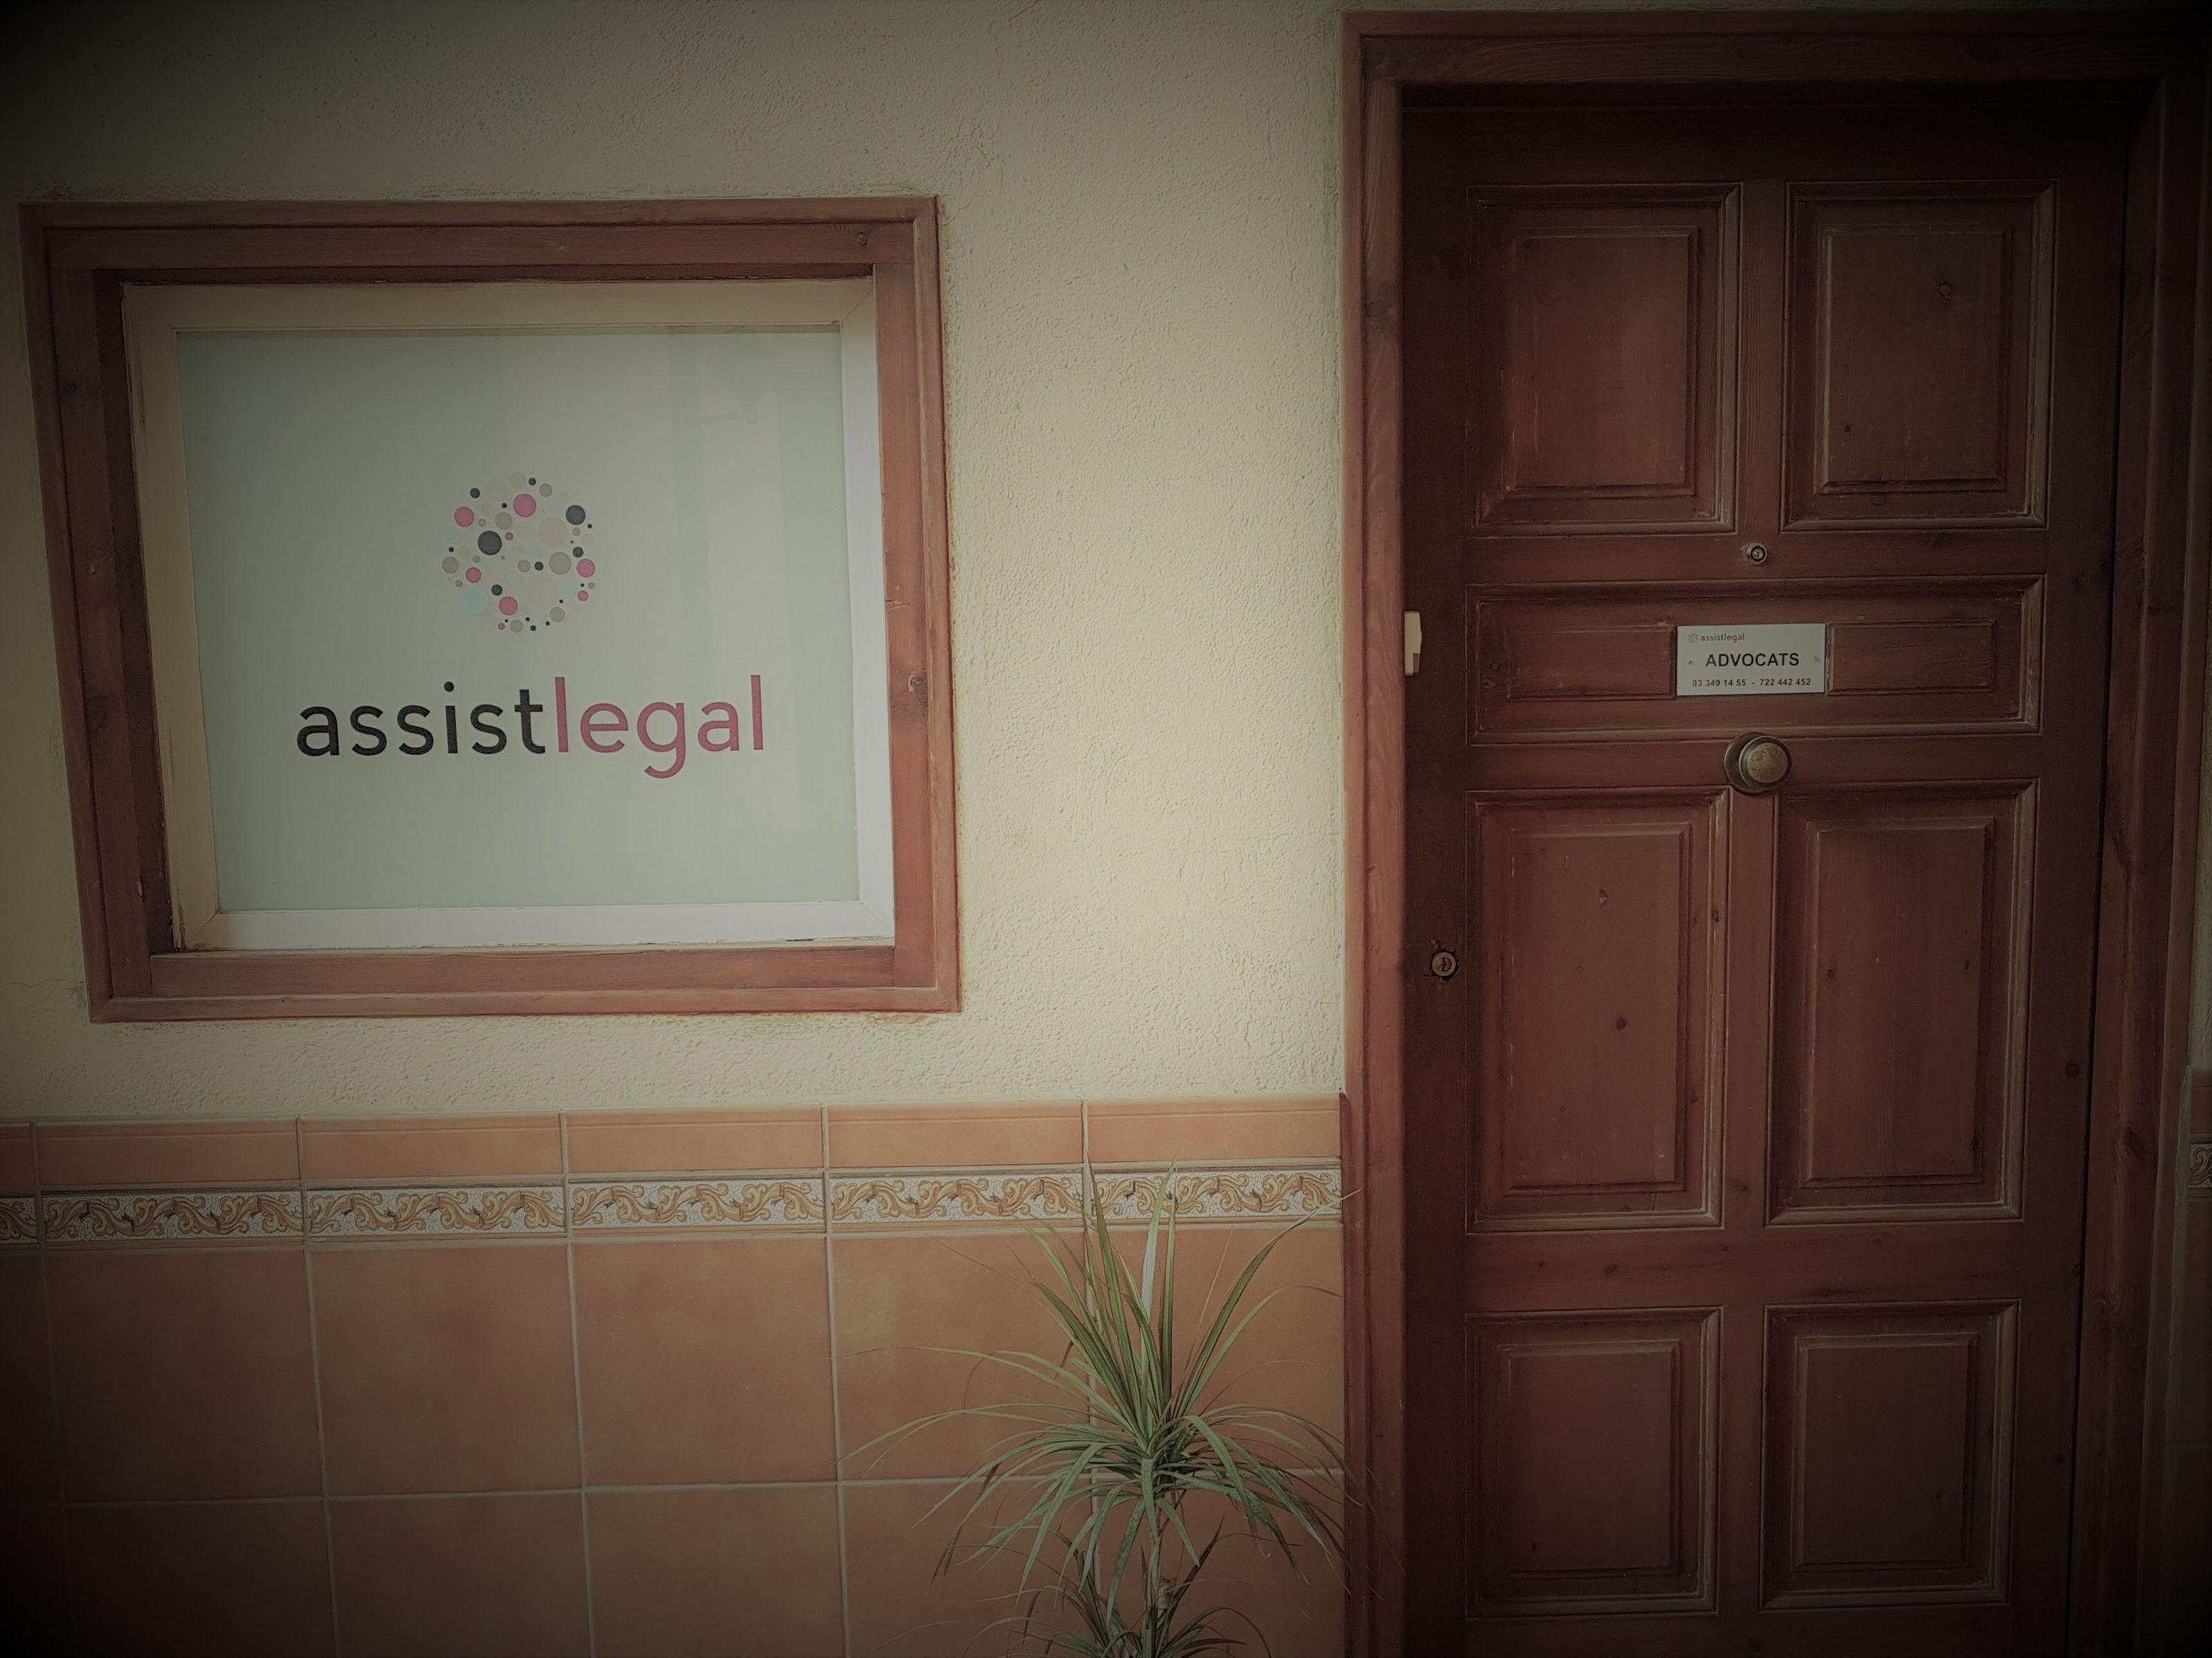 Foto 12 de Despacho de abogados multidisciplinar en Barcelona en Barcelona | ASSISTLEGAL                                                abogados Maragall